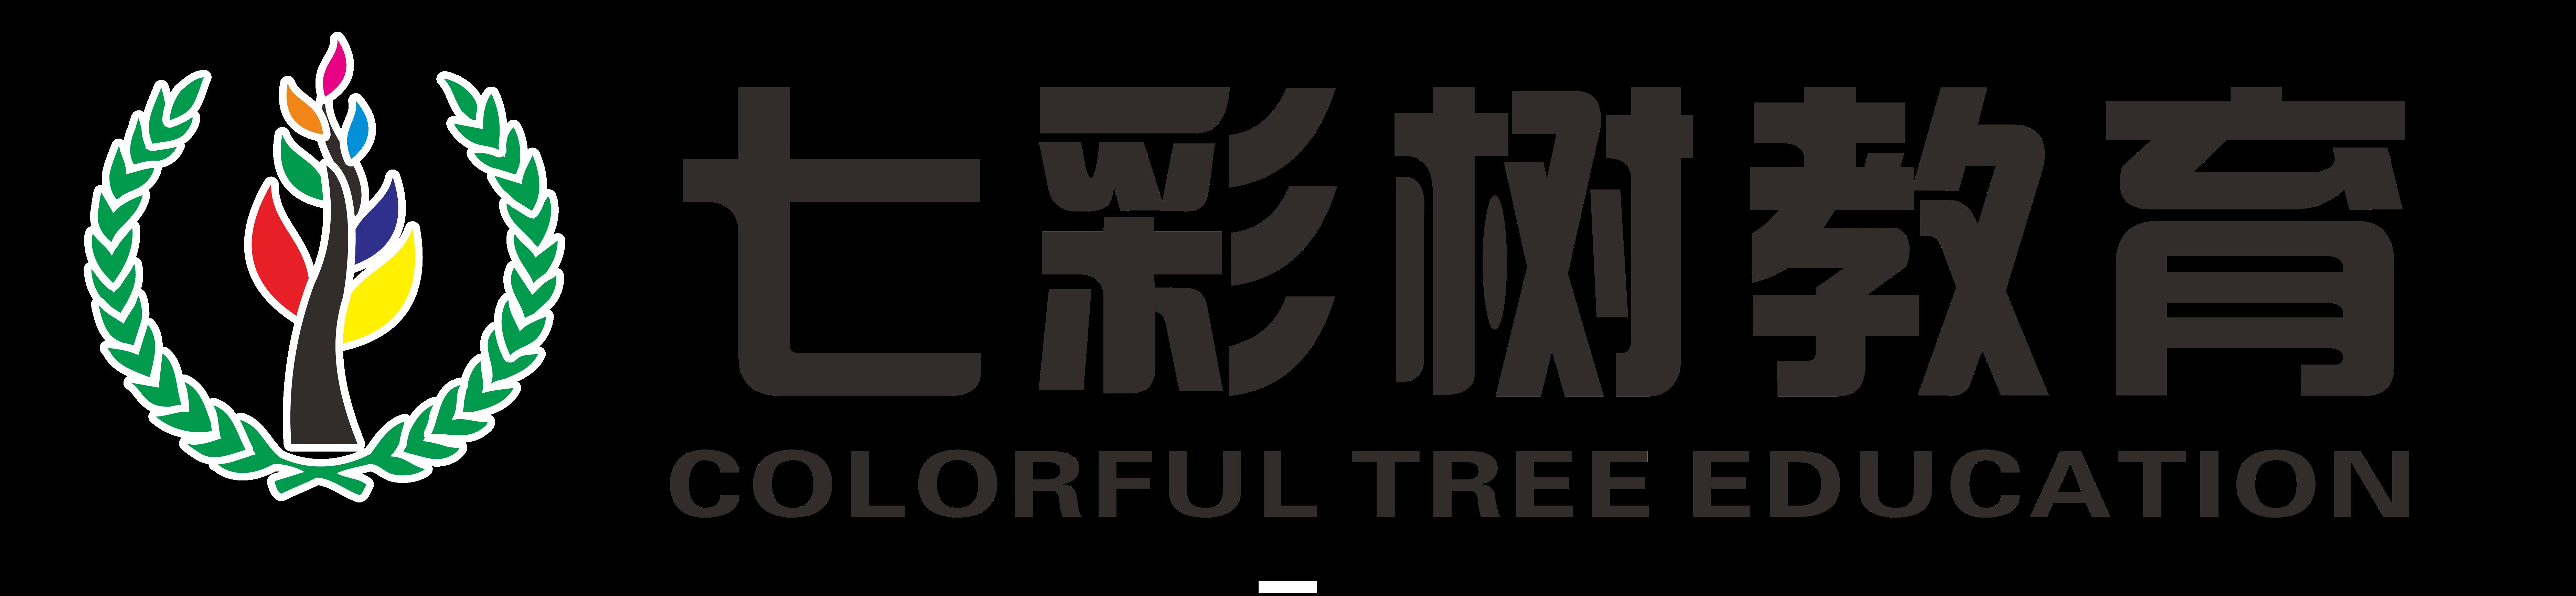 七彩树倡导,让我们打破常规,让文化课赢在起跑线上!